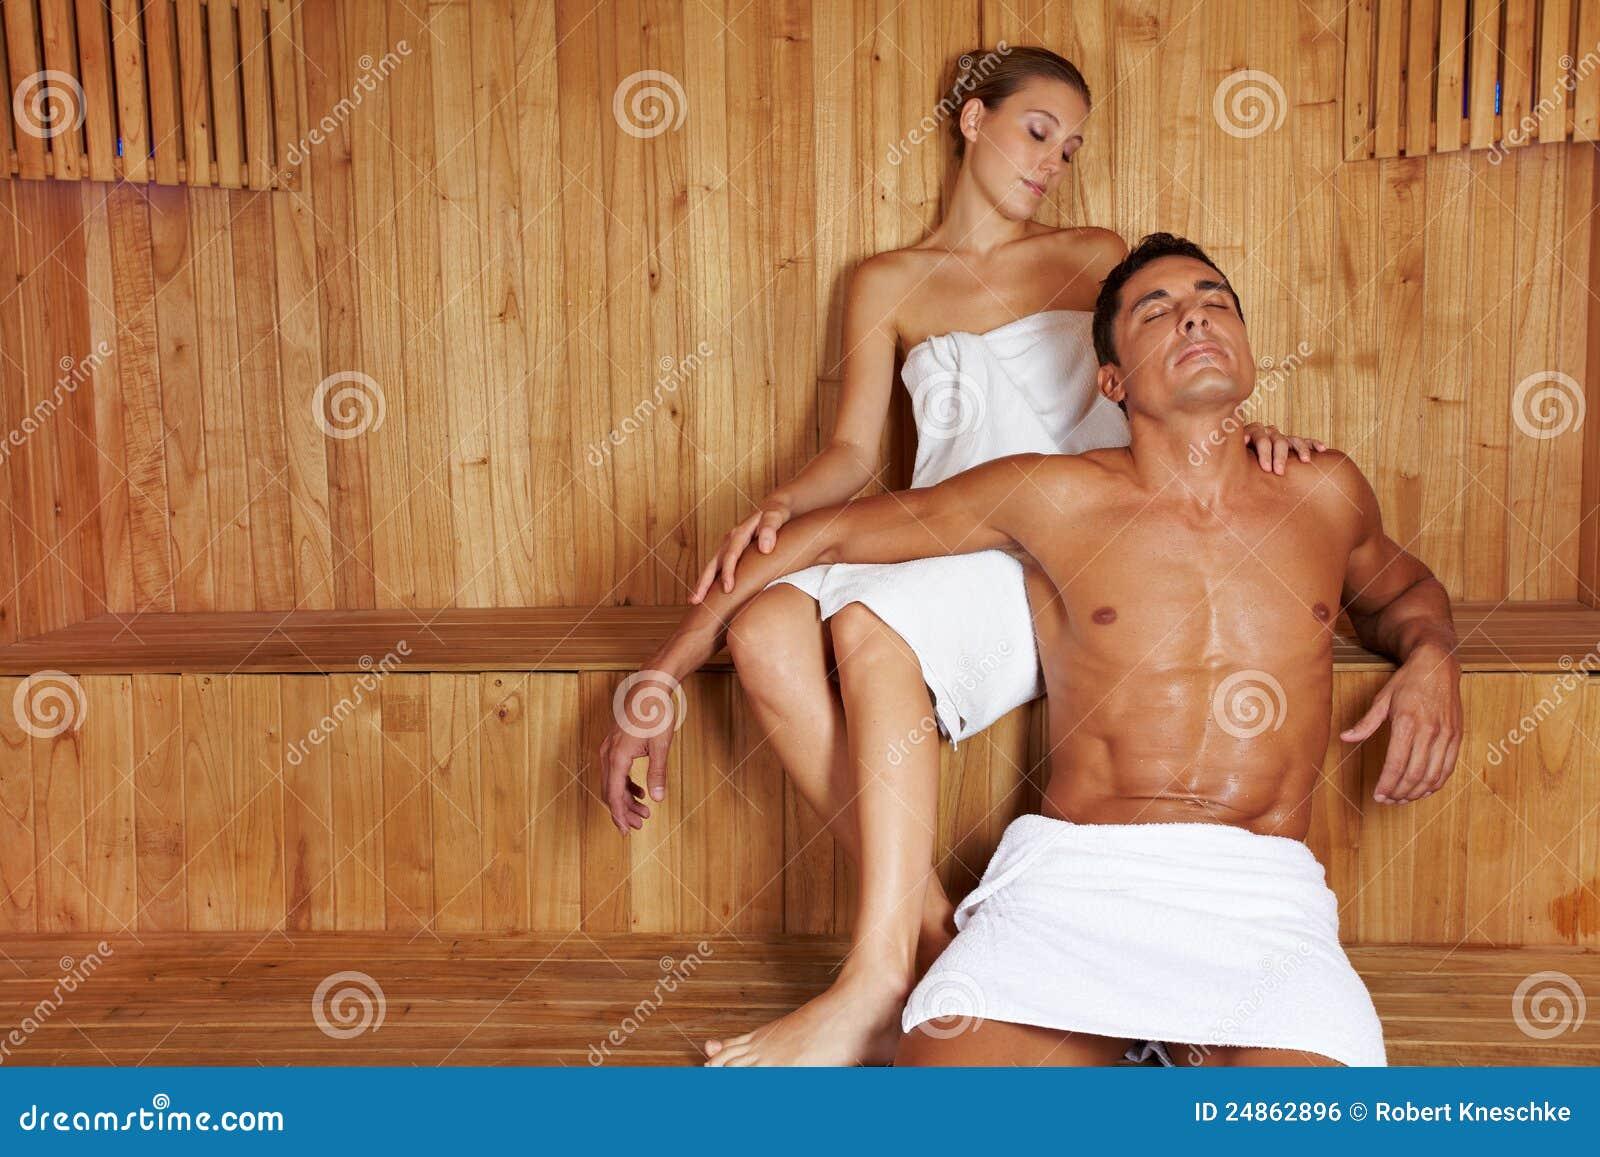 mann und frau die in der sauna sich entspannen stockfoto bild 24862896. Black Bedroom Furniture Sets. Home Design Ideas